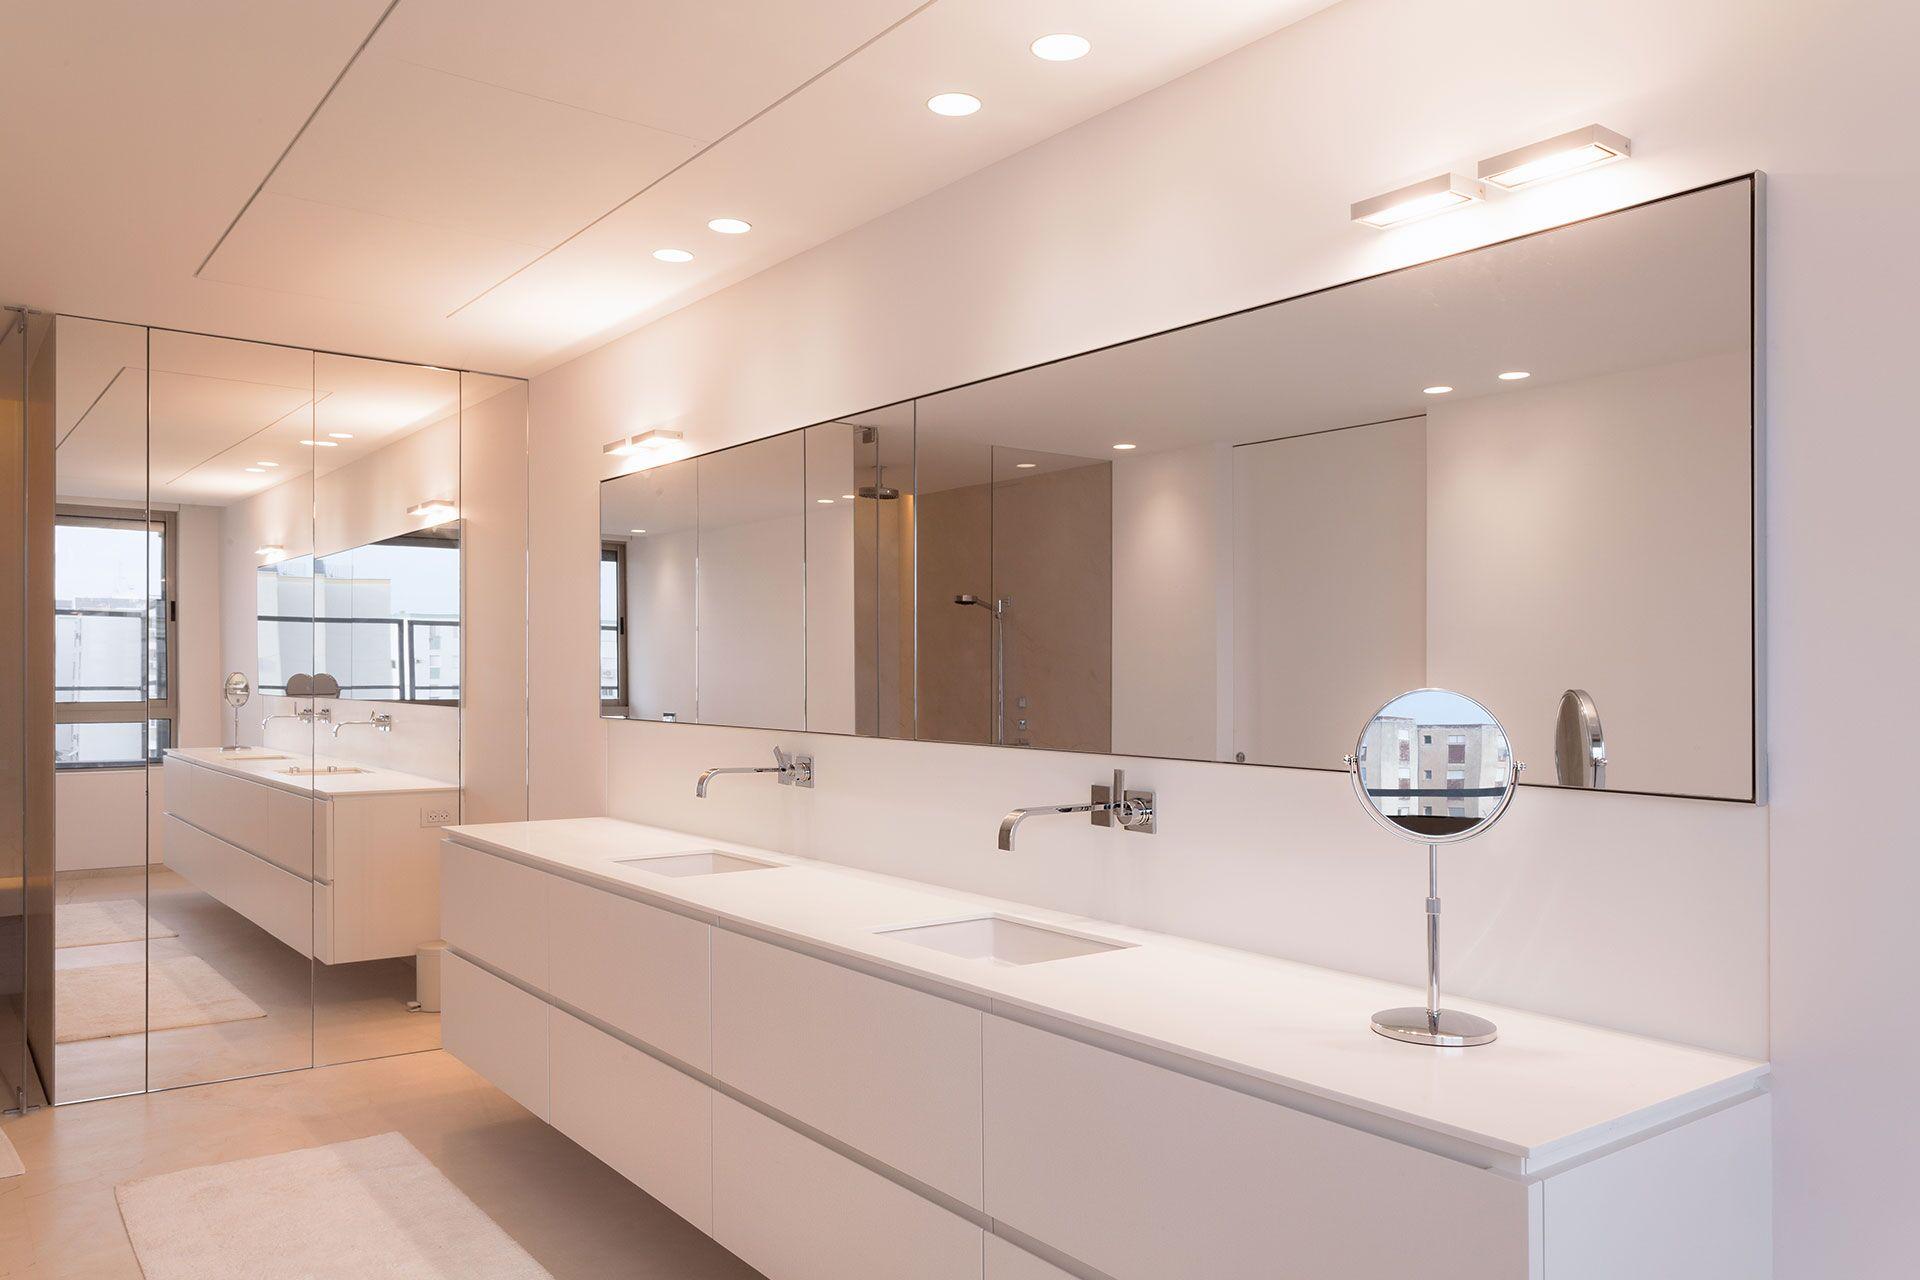 משטחי אמבטיה וחדר רחצה מקוריאן